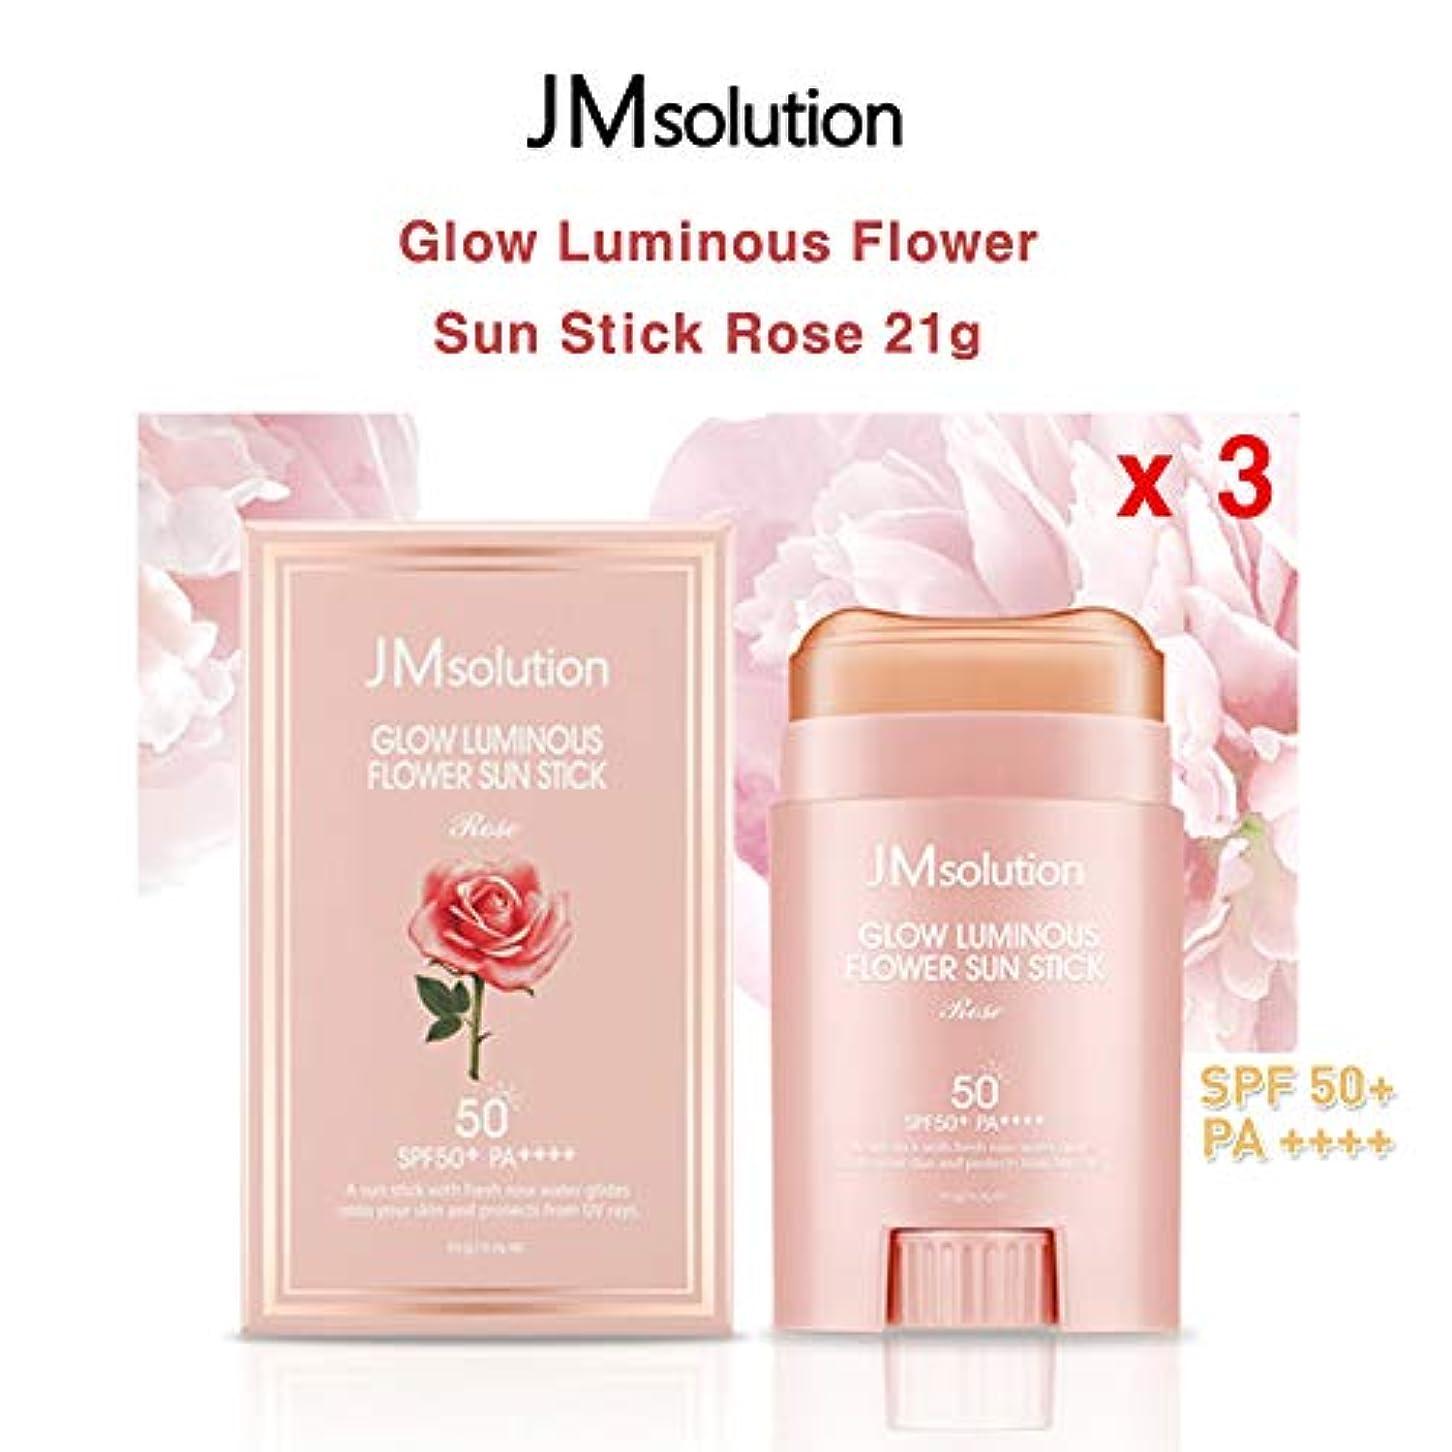 安全でない交響曲カレンダーJM Solution ★1+1+1★ Glow Luminous Flower Sun Stick Rose 21g (spf50 PA) 光る輝く花Sun Stick Rose